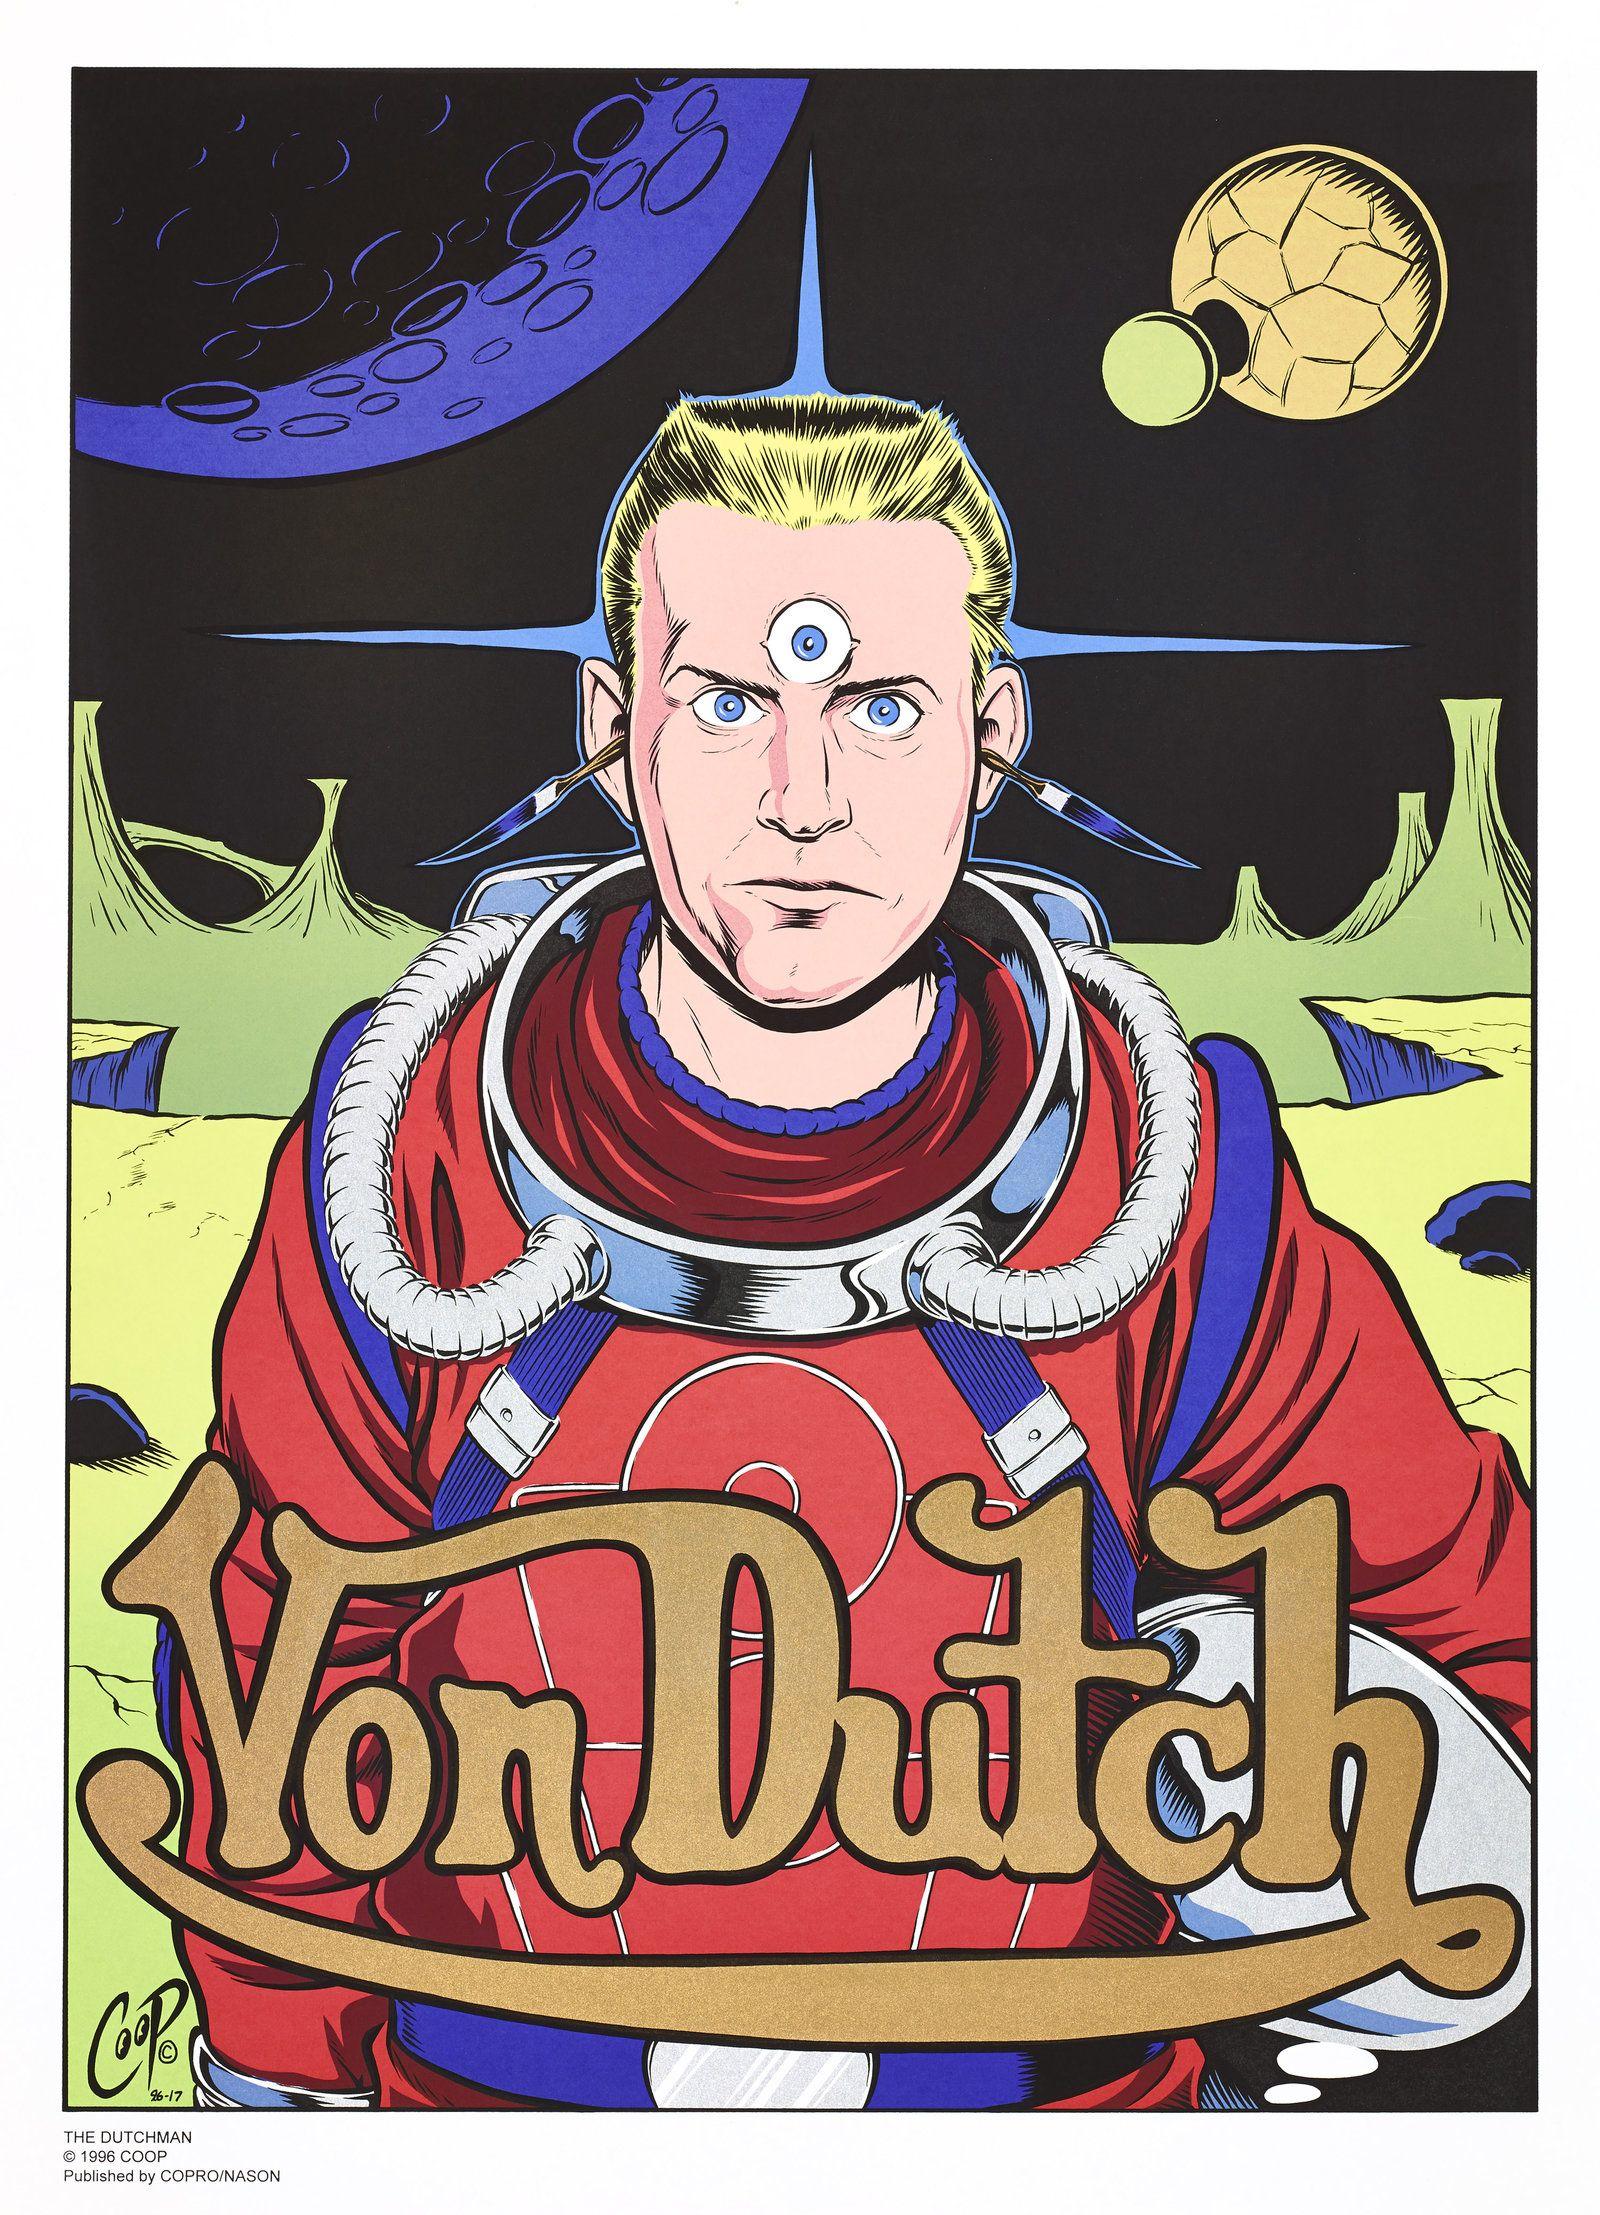 Von Dutch by ARTofCOOP.deviantart.com on @deviantART